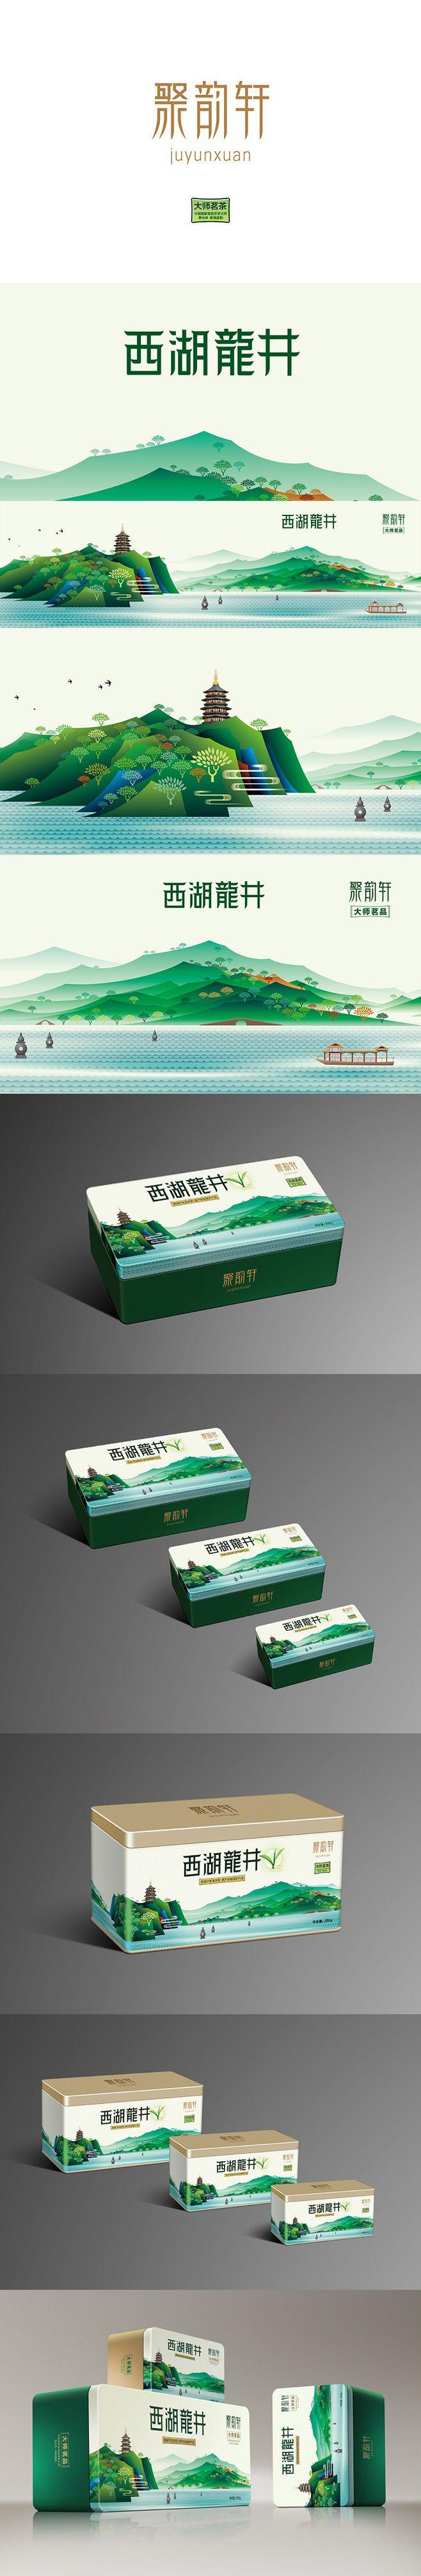 聚韵轩-西湖龙井包装和图形